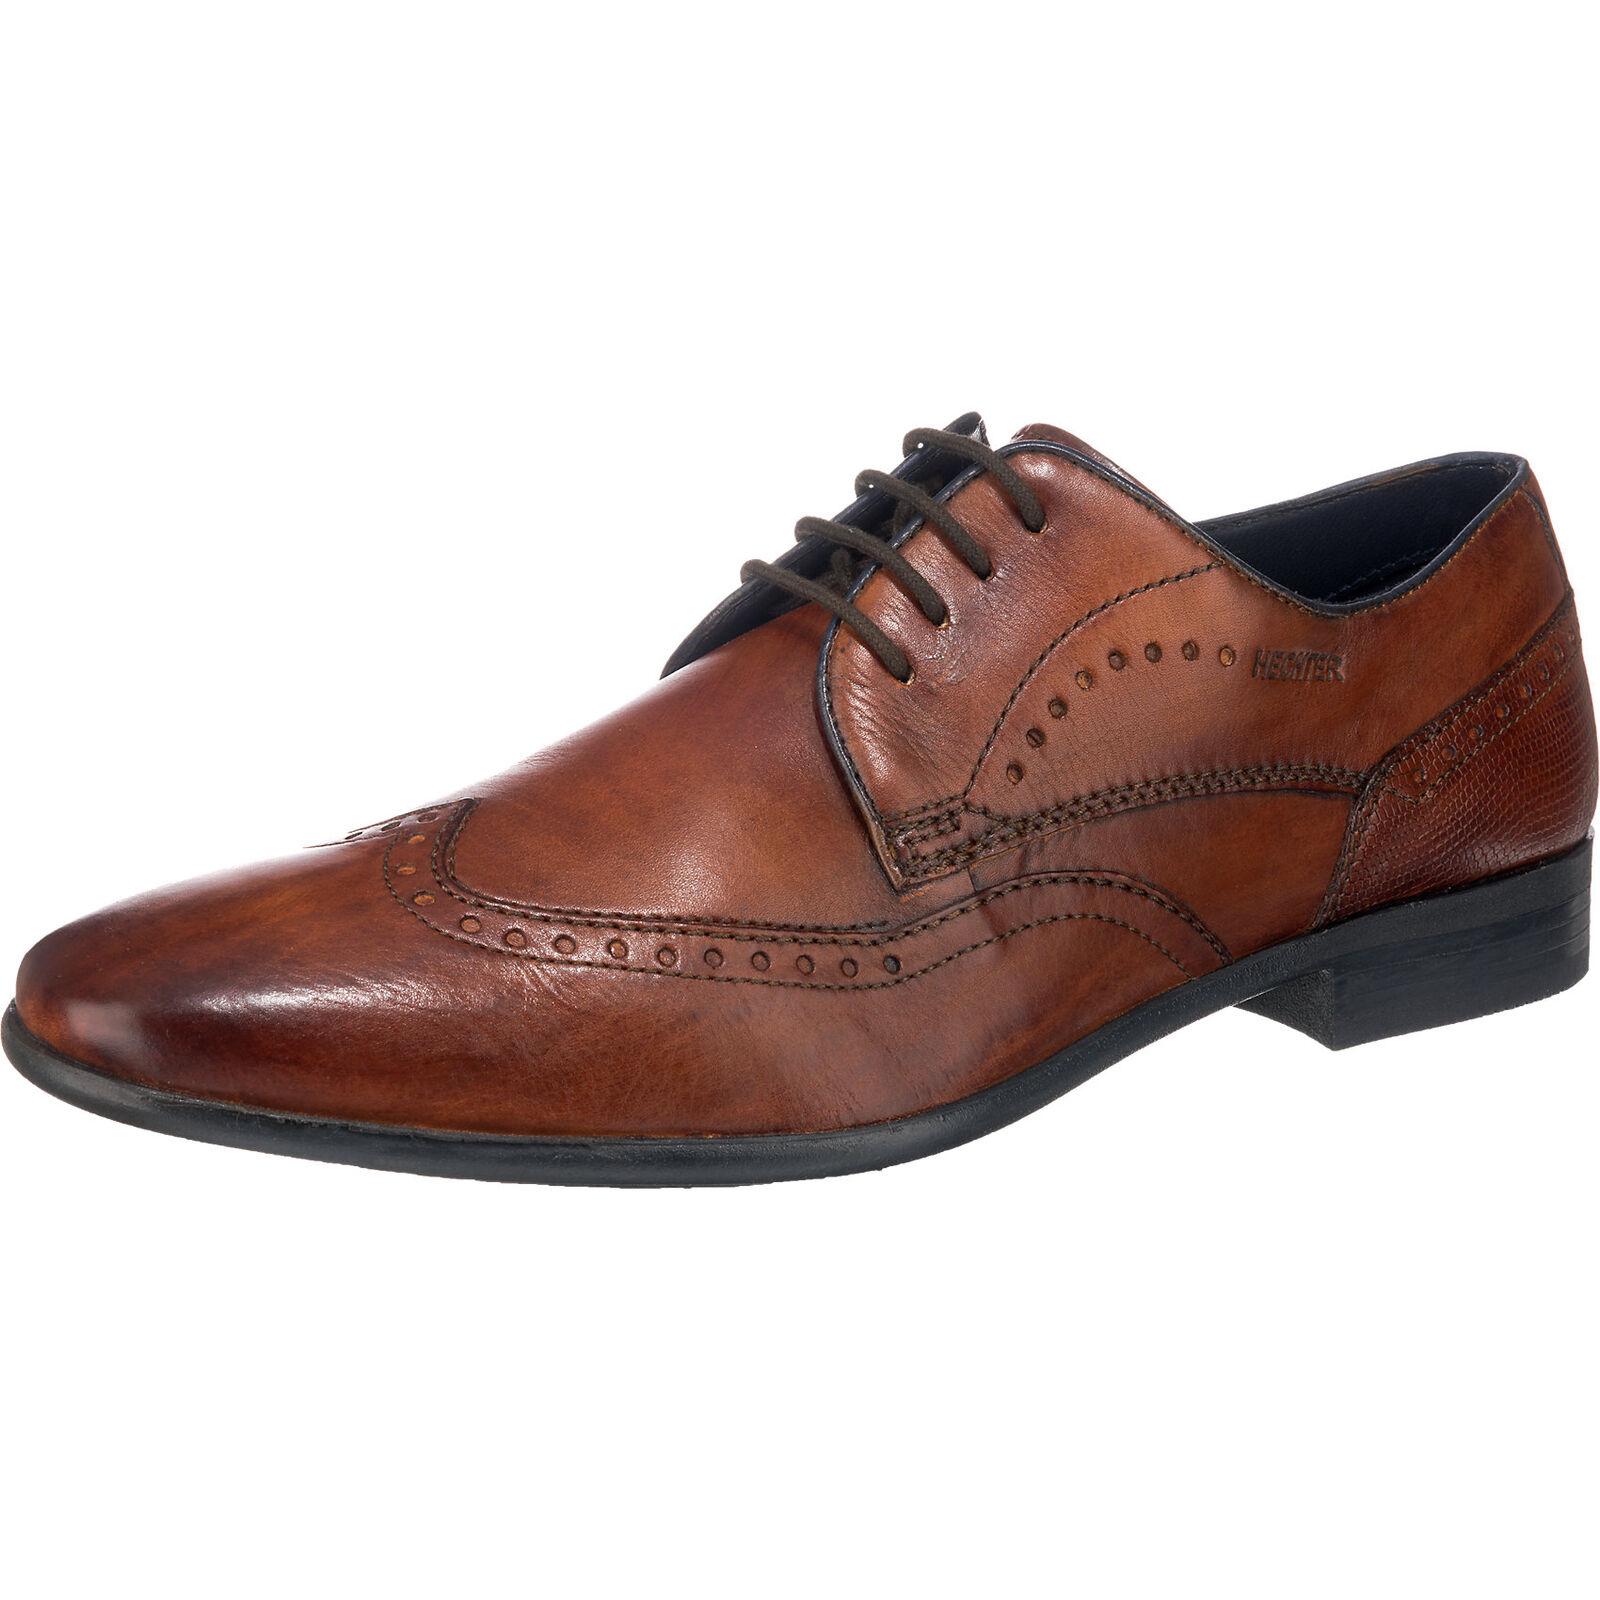 Neu DANIEL HECHTER Business Schuhe 5777340 für Herren cognac